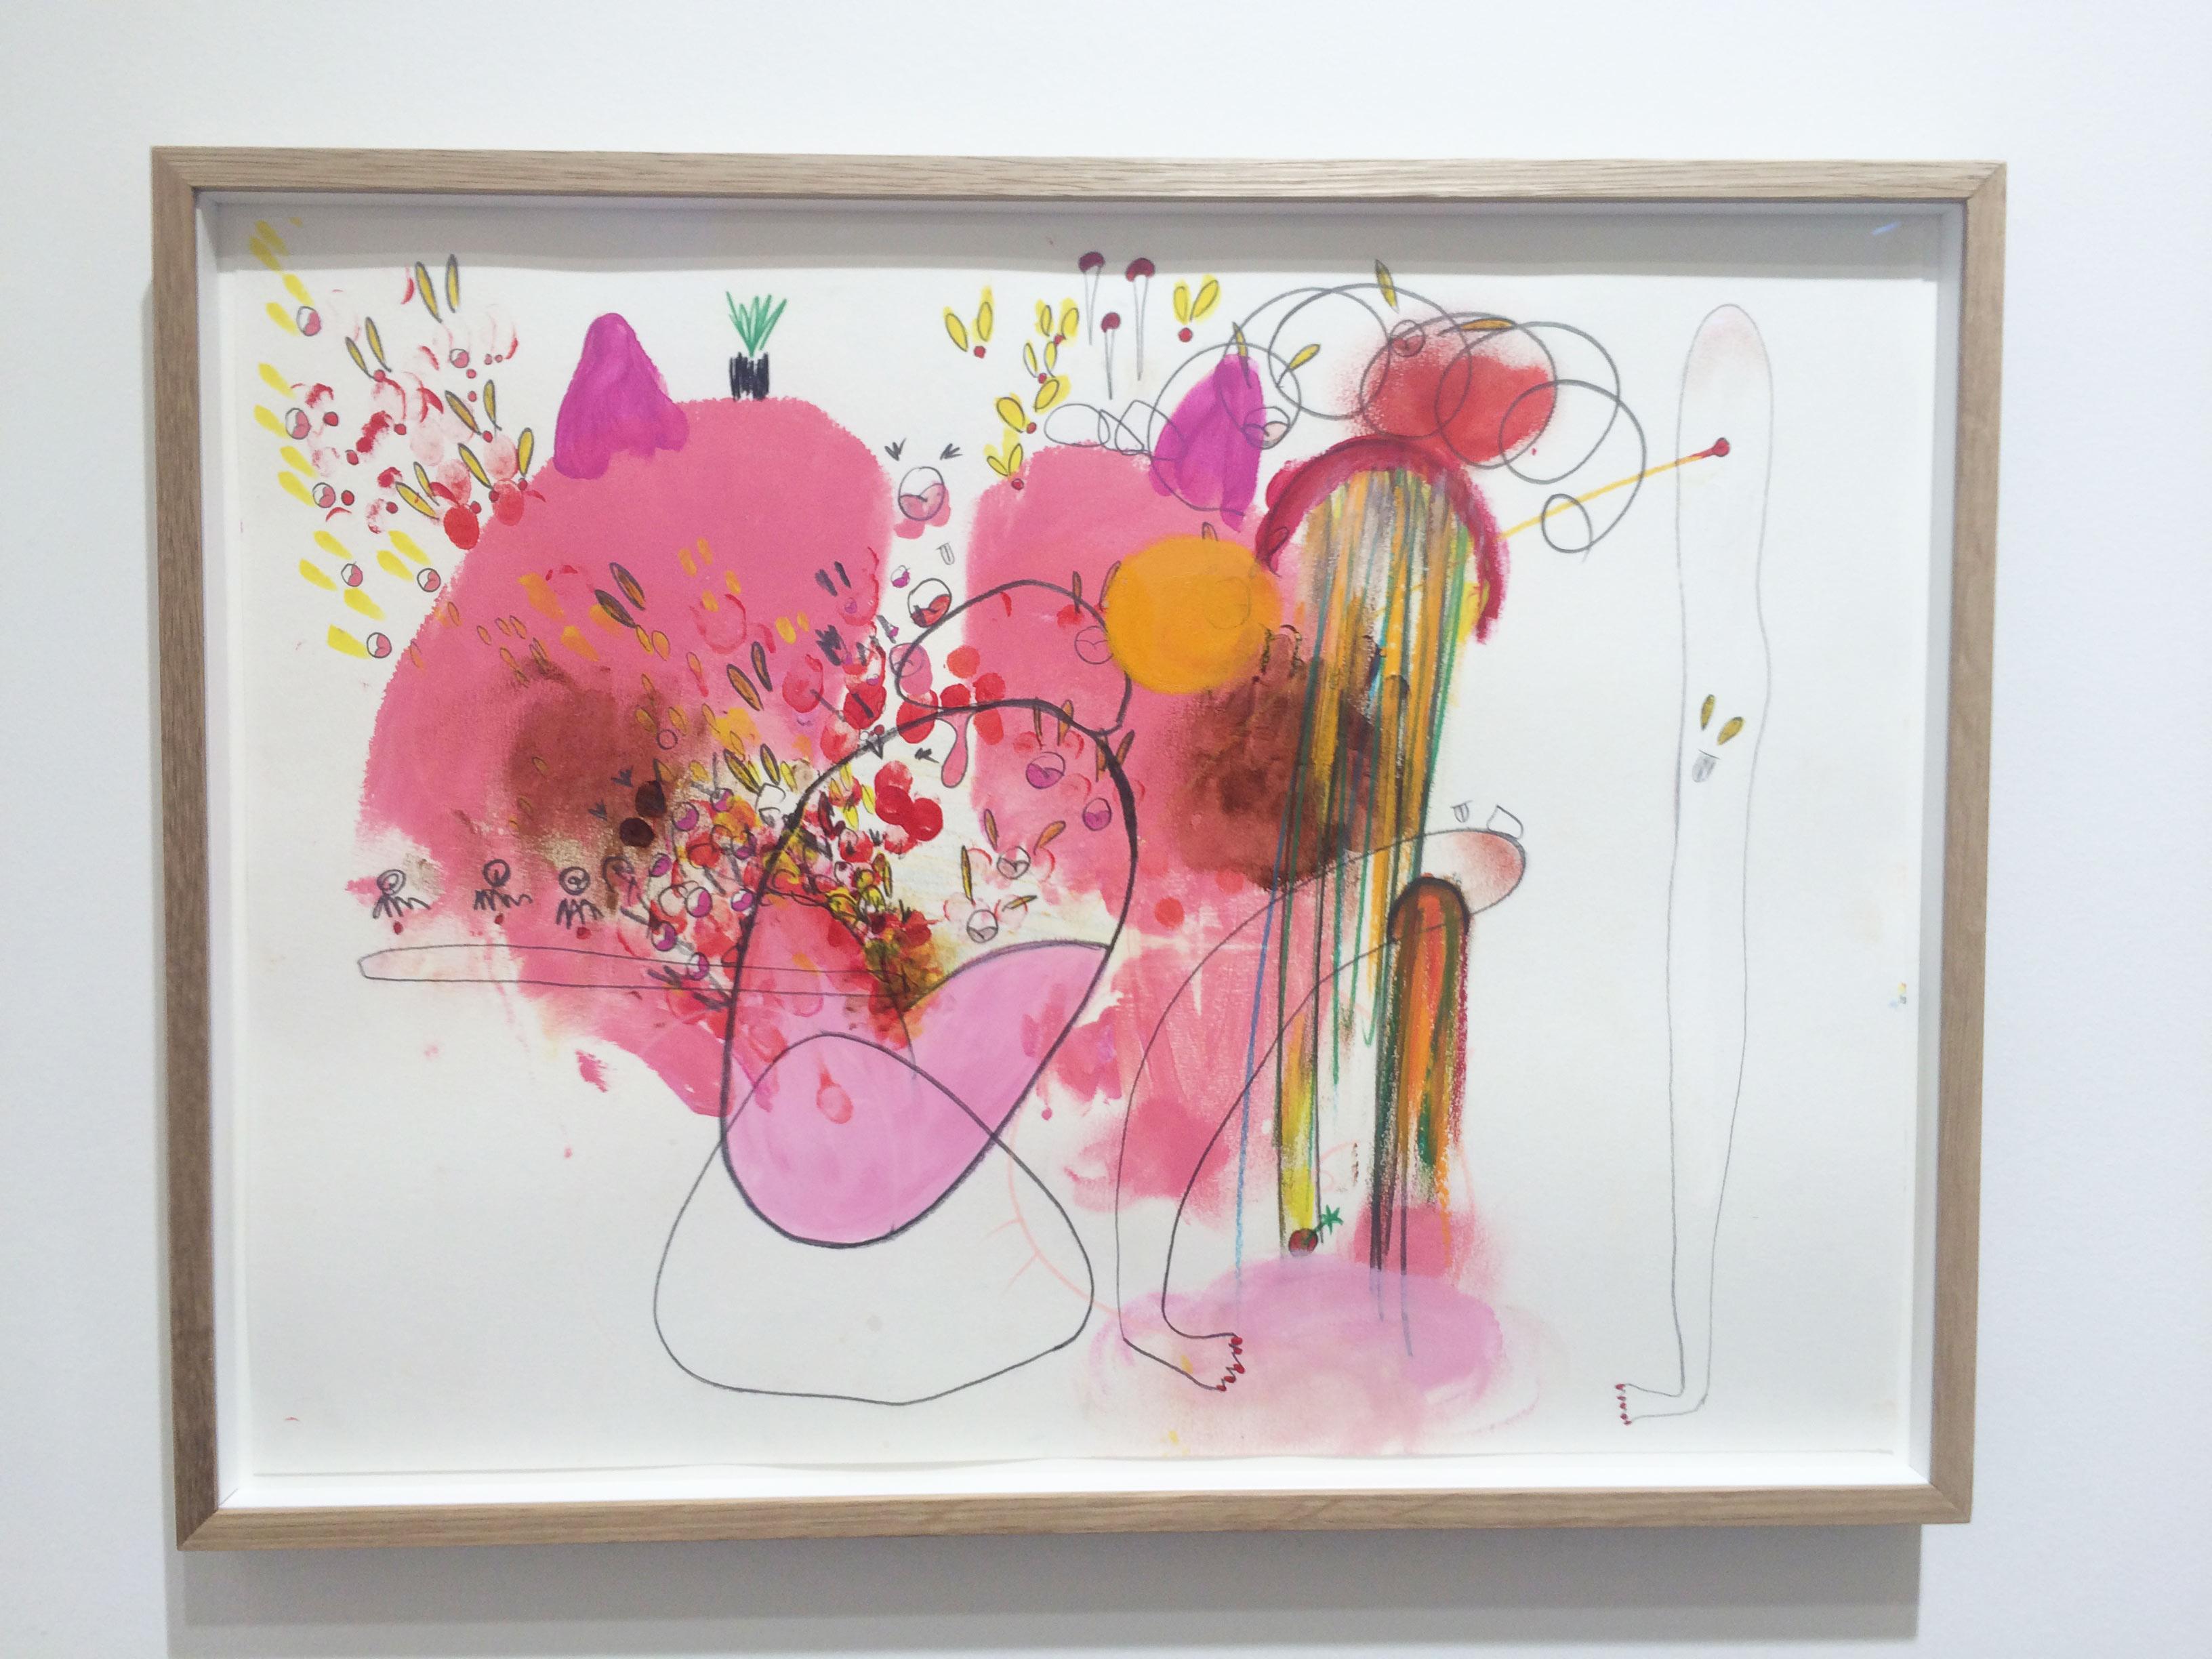 """5. Mika Rottenberg sur le stand de la galerie Laurent Godin (Paris)  L'artiste née en 1976 à Buenos Aires et installée aux États-Unis a eu récemment les honneurs du Palais de Tokyo. Elle y présentait ses vidéos et installations, souvent fantaisistes, où le corps est mis en scène dans des situations absurdes. Mika Rottenberg s'est ainsi fait connaître pour son travail autour des femmes utilisant leur corps comme outil de travail et """"matière première"""". Le corps, il en est encore question dans les dessins présentés par la galerie Laurent Godin, qui convoquent son univers saugrenu et des empreintes de ses fesses et de ses mains.  Le dessin: 12 000 dollars.  www.laurentgodin.com"""